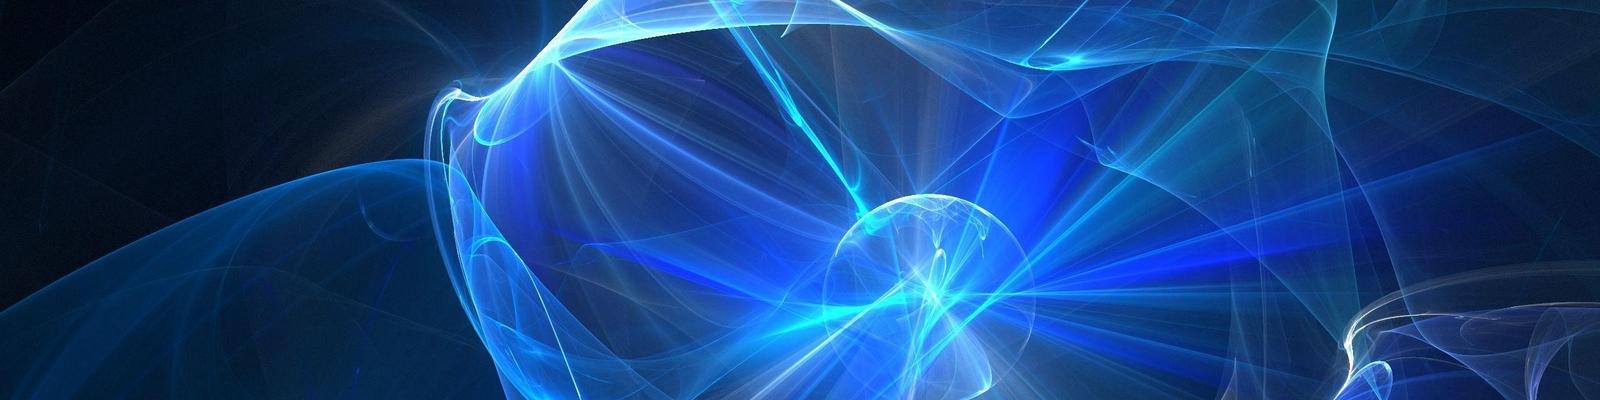 bleu3